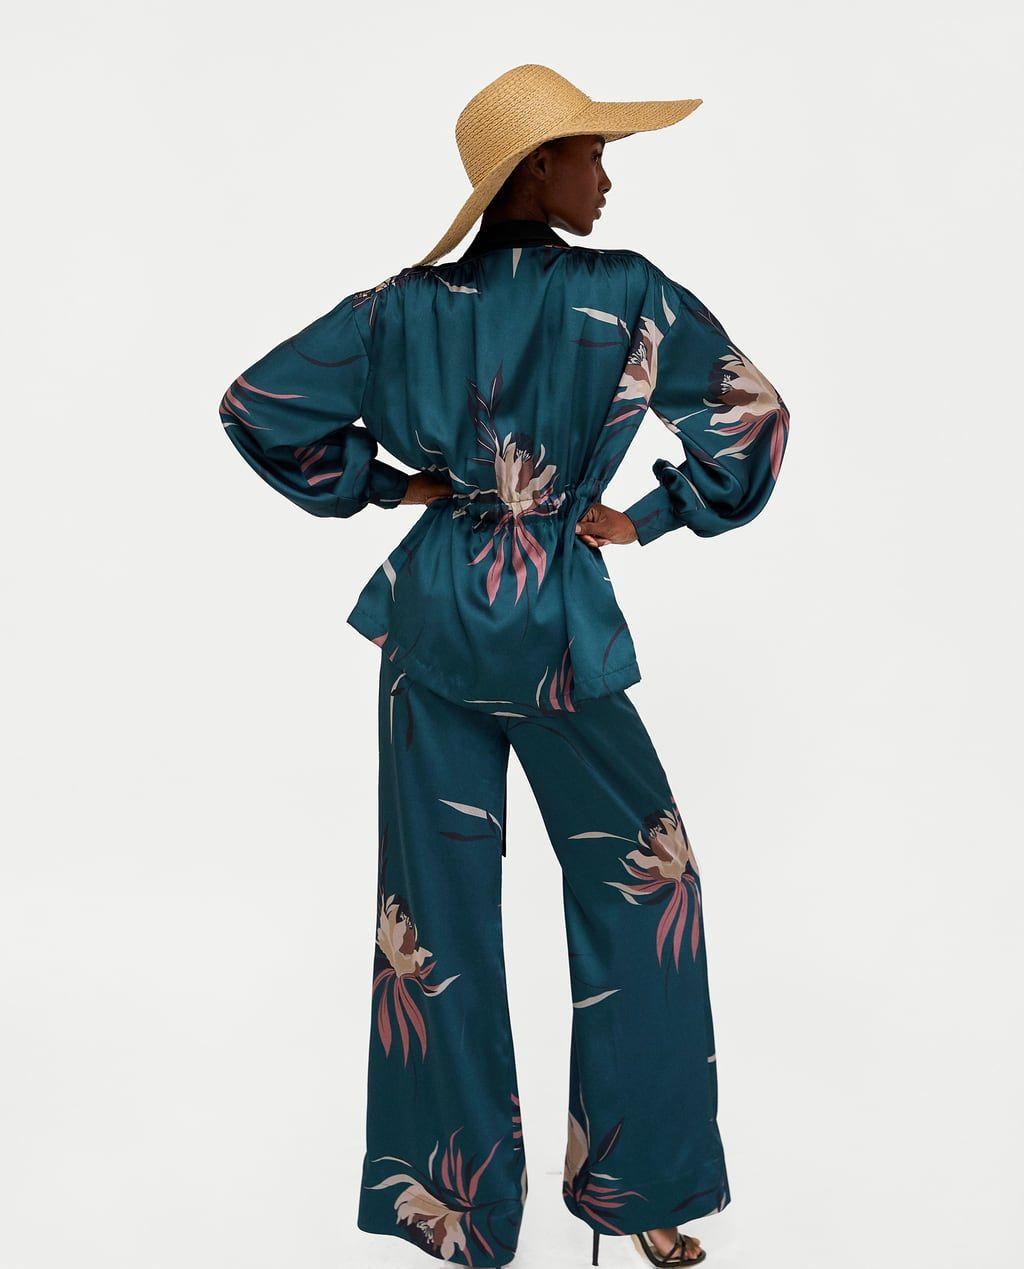 Pantalon Estampado Floral Floral Print Pants Printed Trousers Fashion